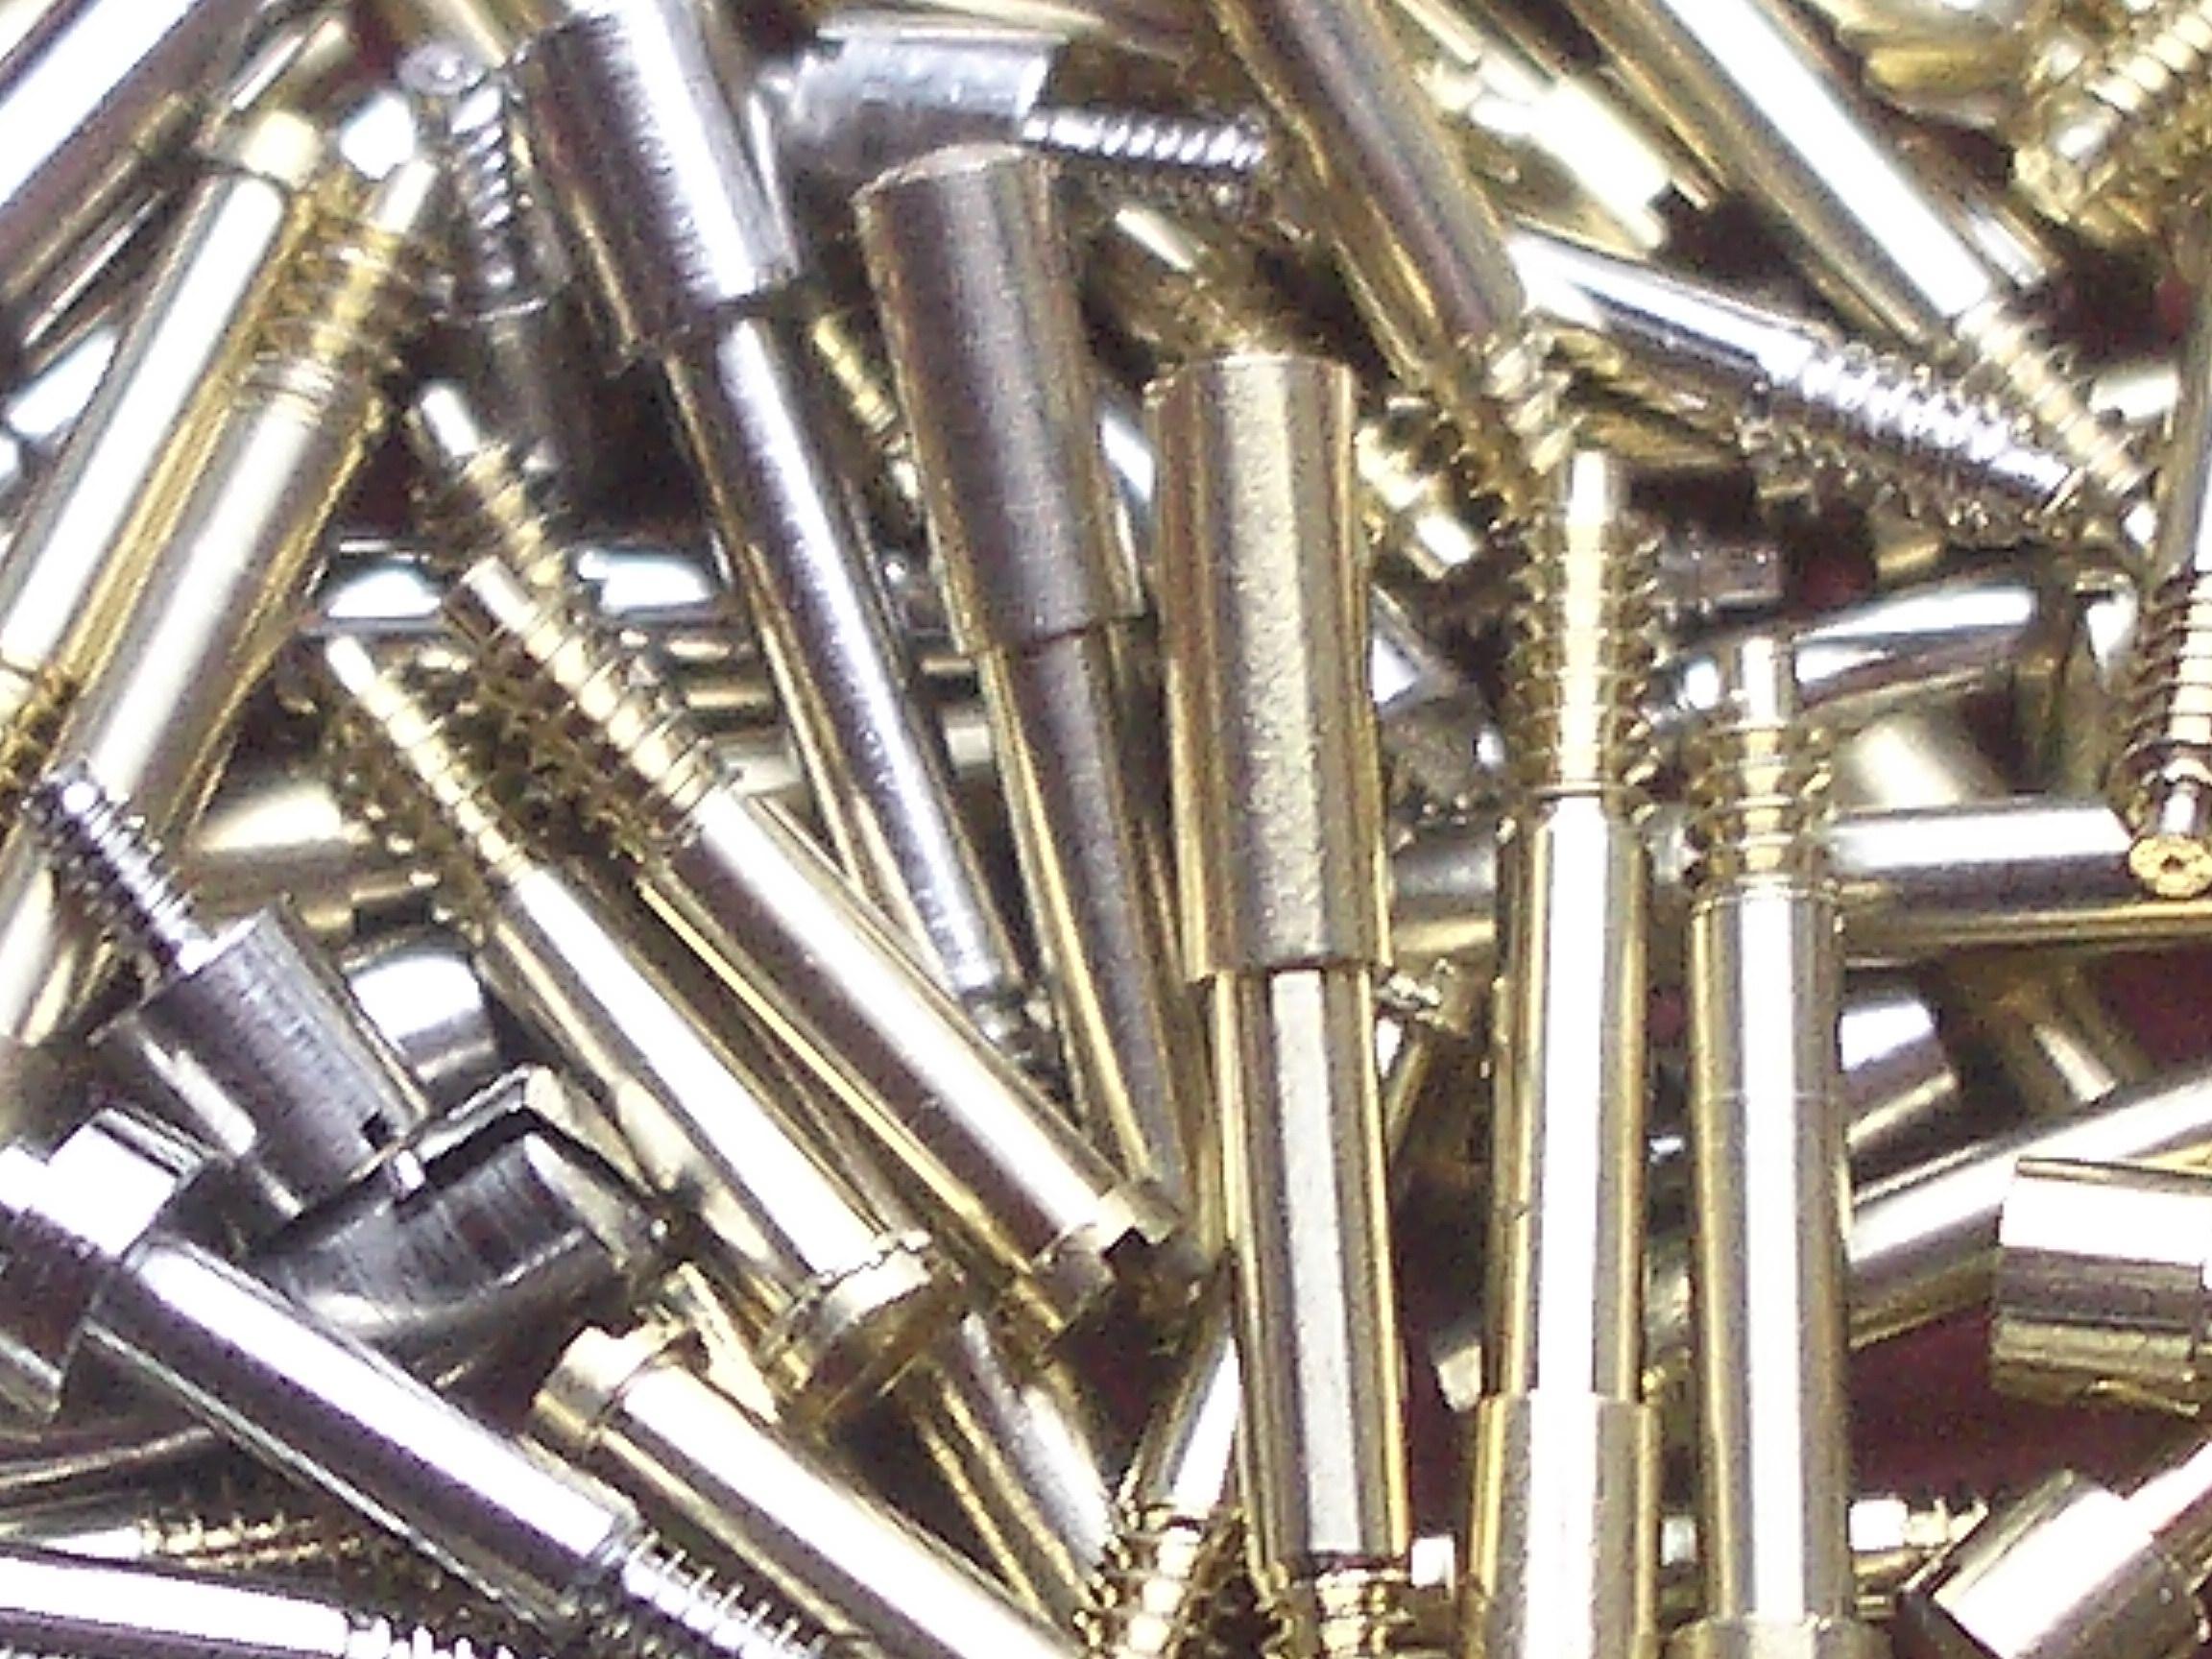 Ersatzschrauben Schrauben Set für Hublot Uhren Schrauben ca 200 Stück